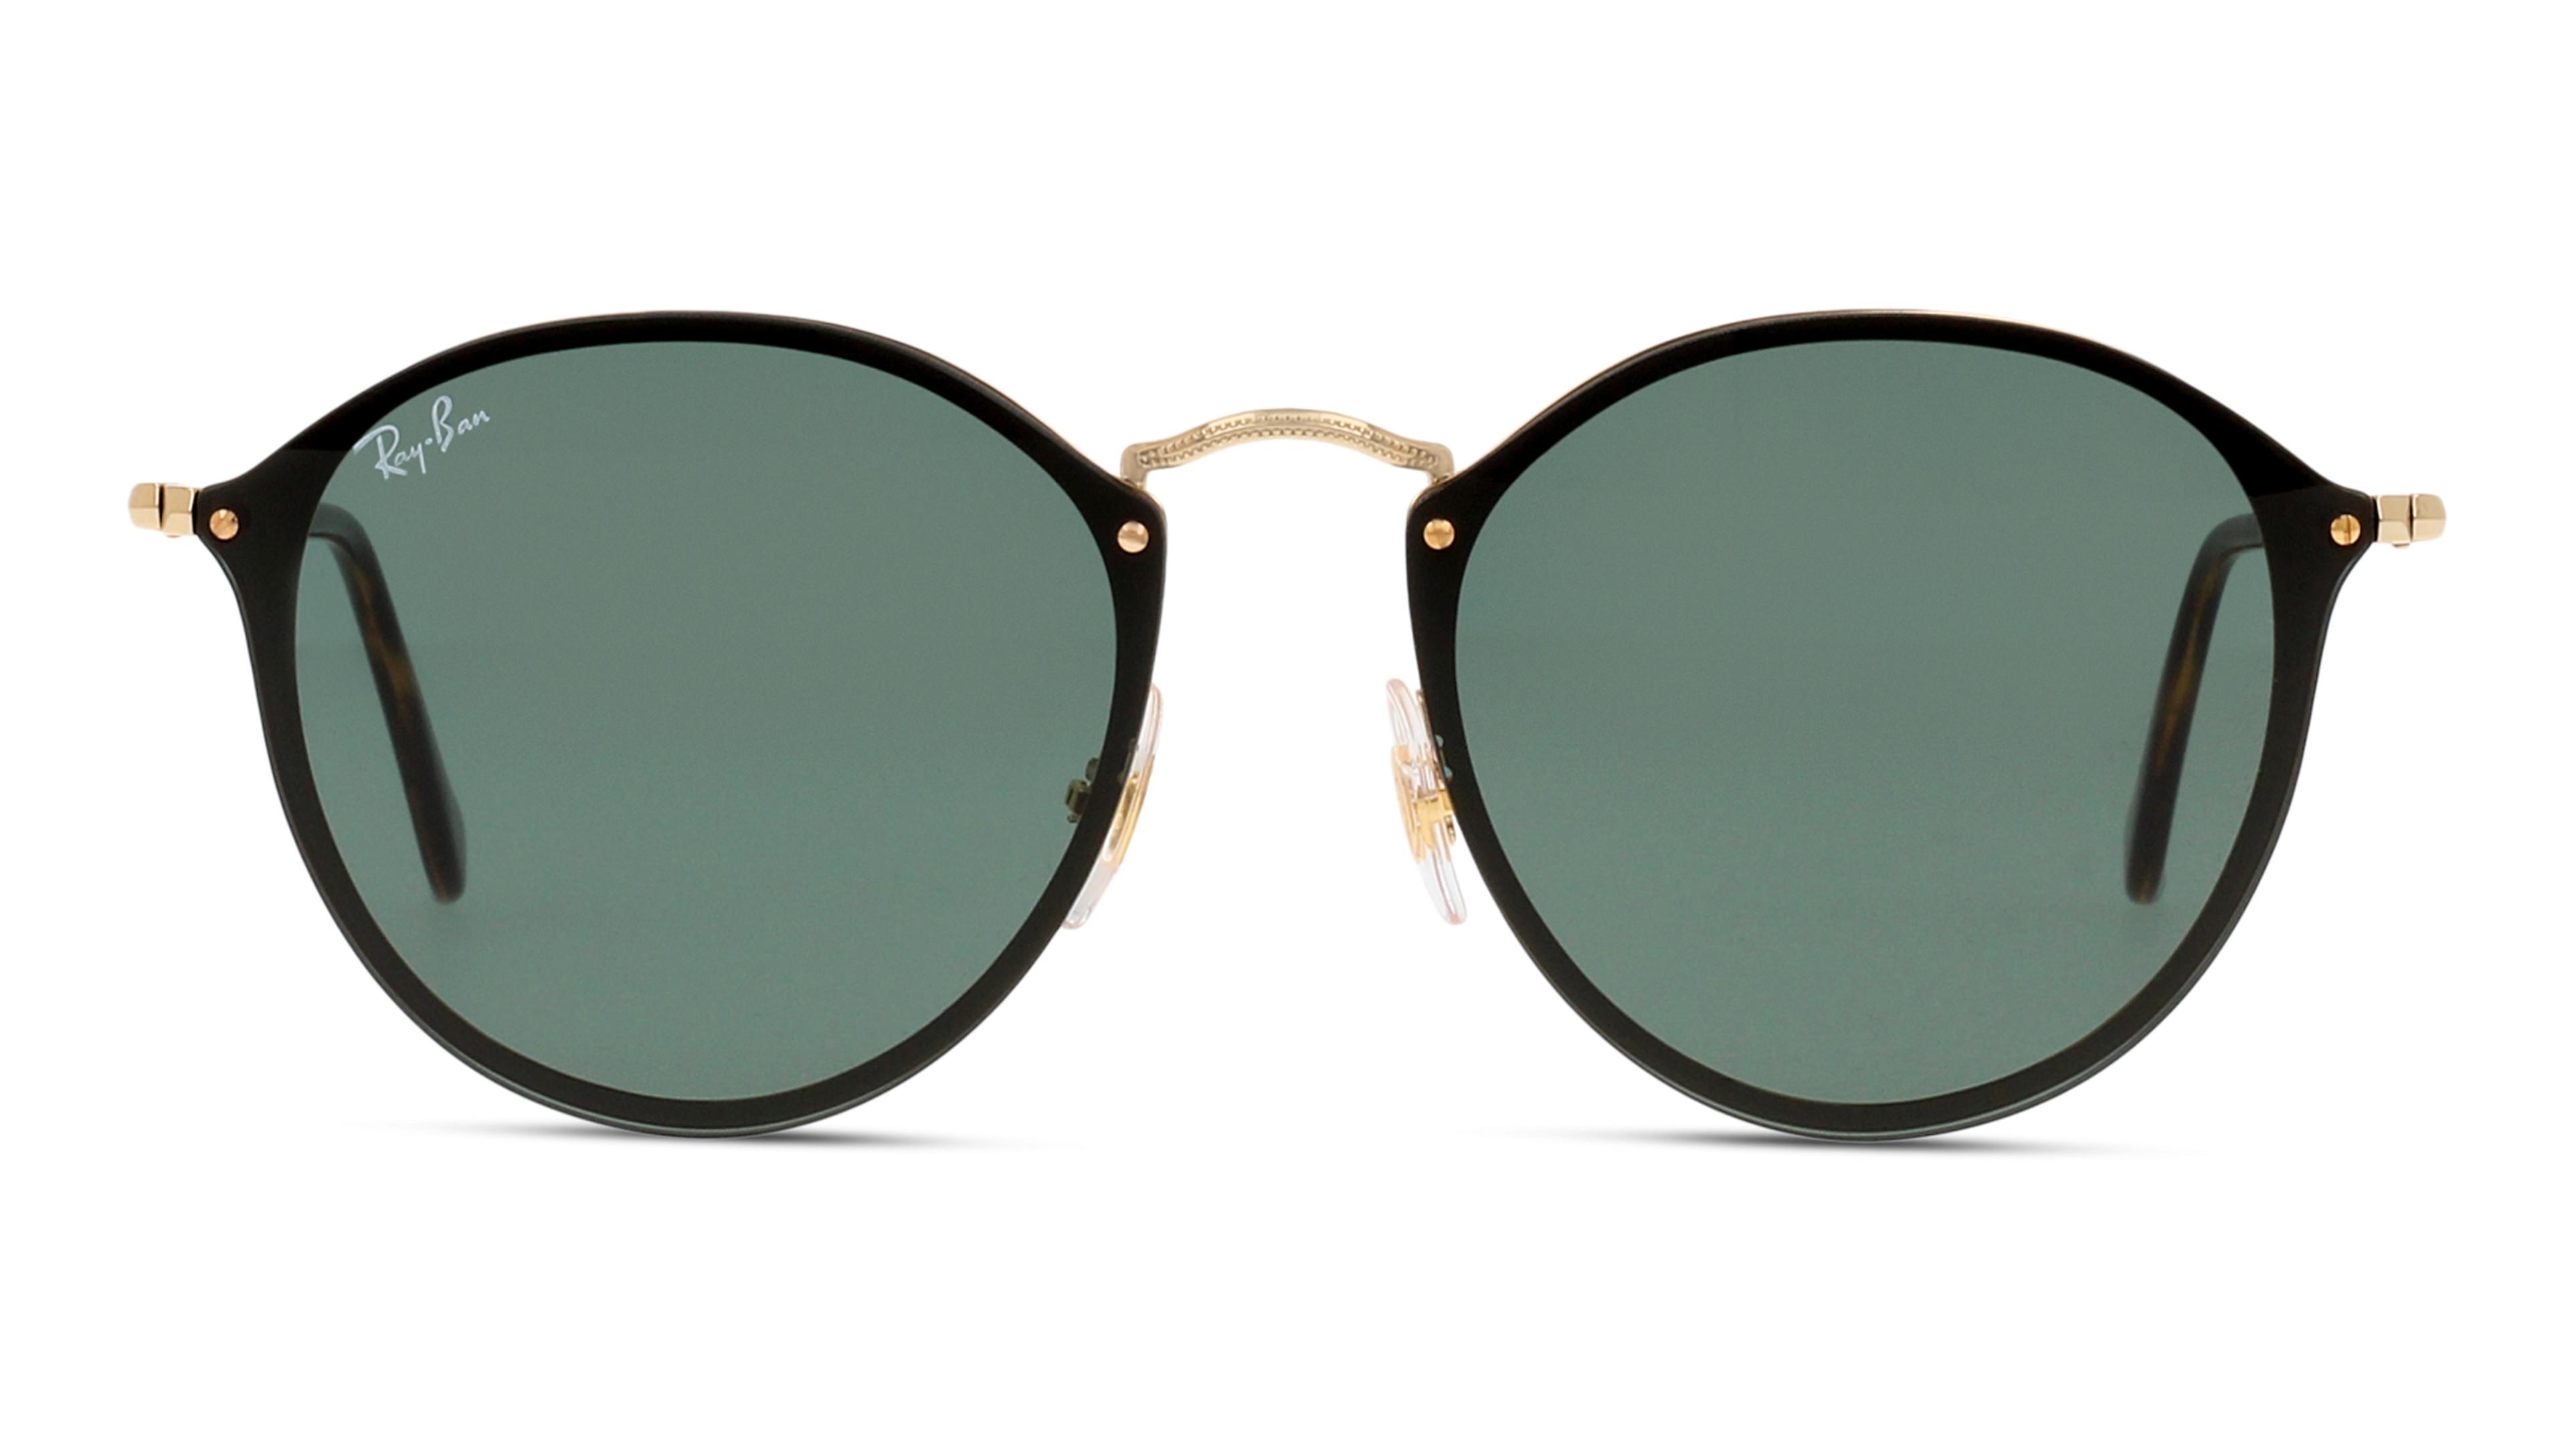 8053672785098-front-01-rayban-glasses-eyewear-pair